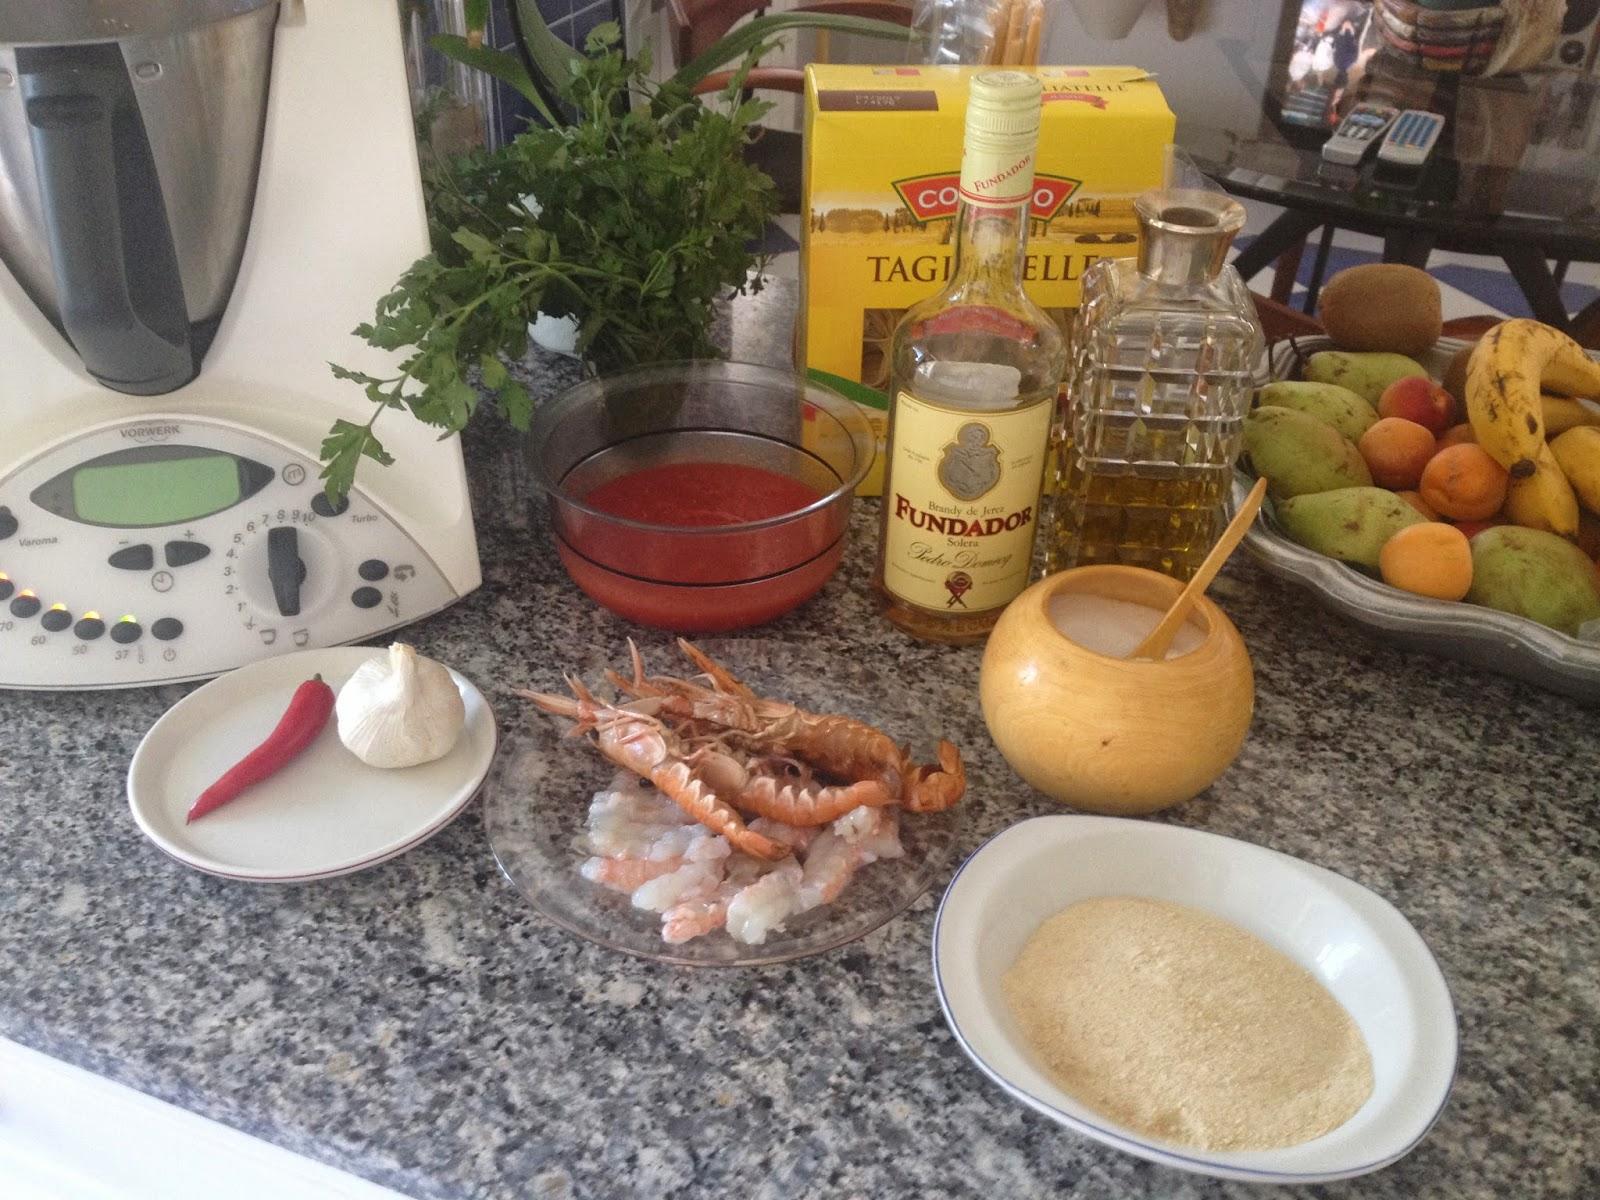 Cocina con alma cigalas con tallarines frescos - Cocina con alma ...